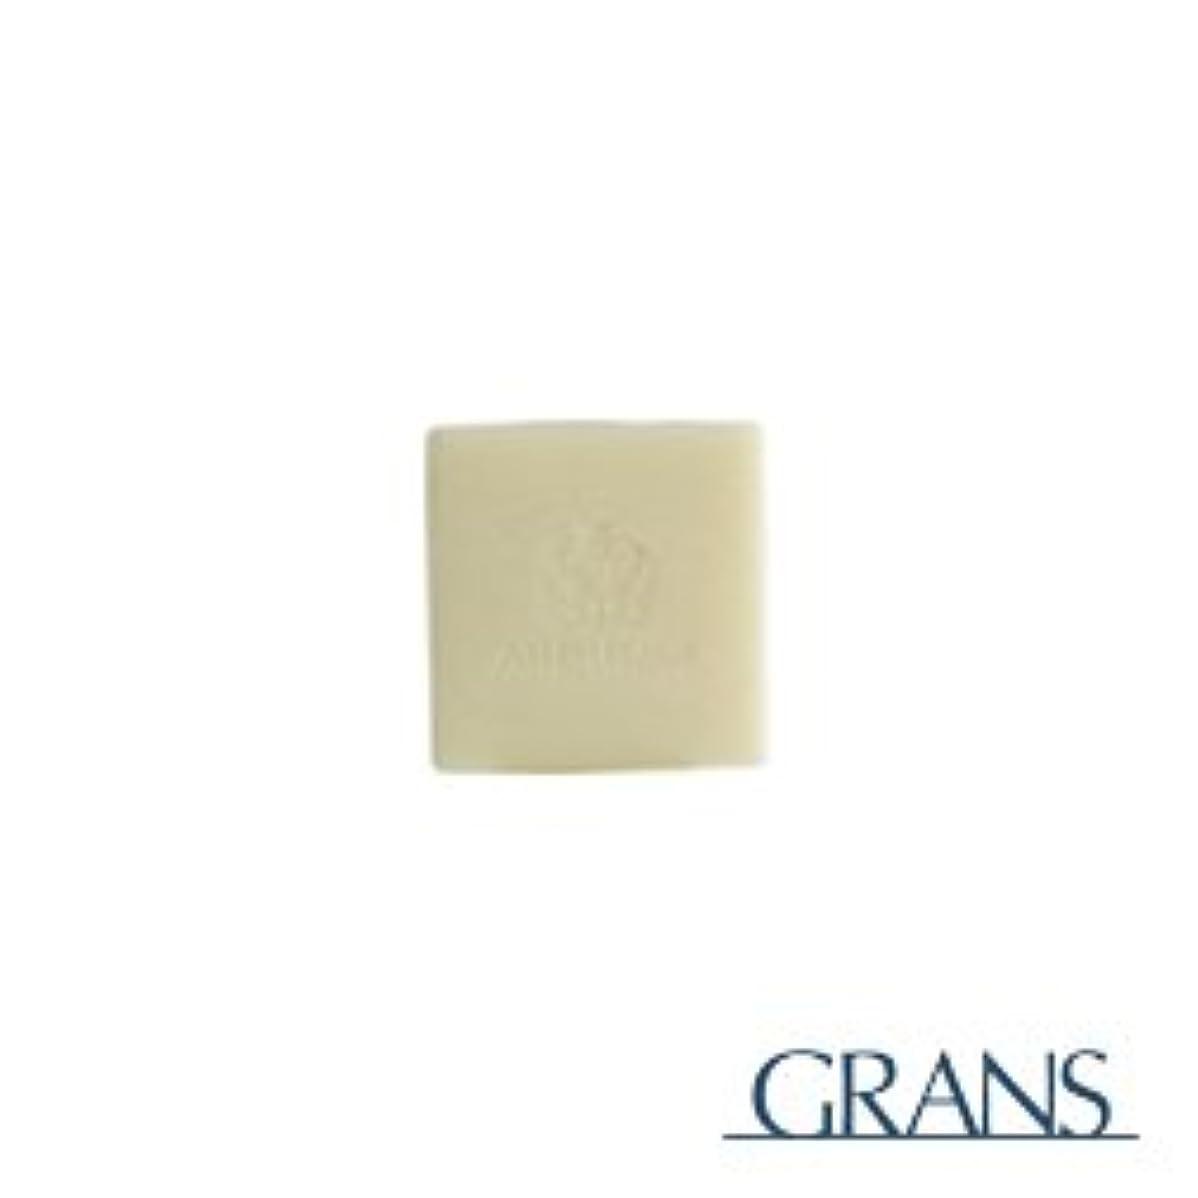 雨アルファベット順保険をかけるナリス化粧品 アッサンブラージュ ローズマリアージュエクストラフィールソープRM 120g